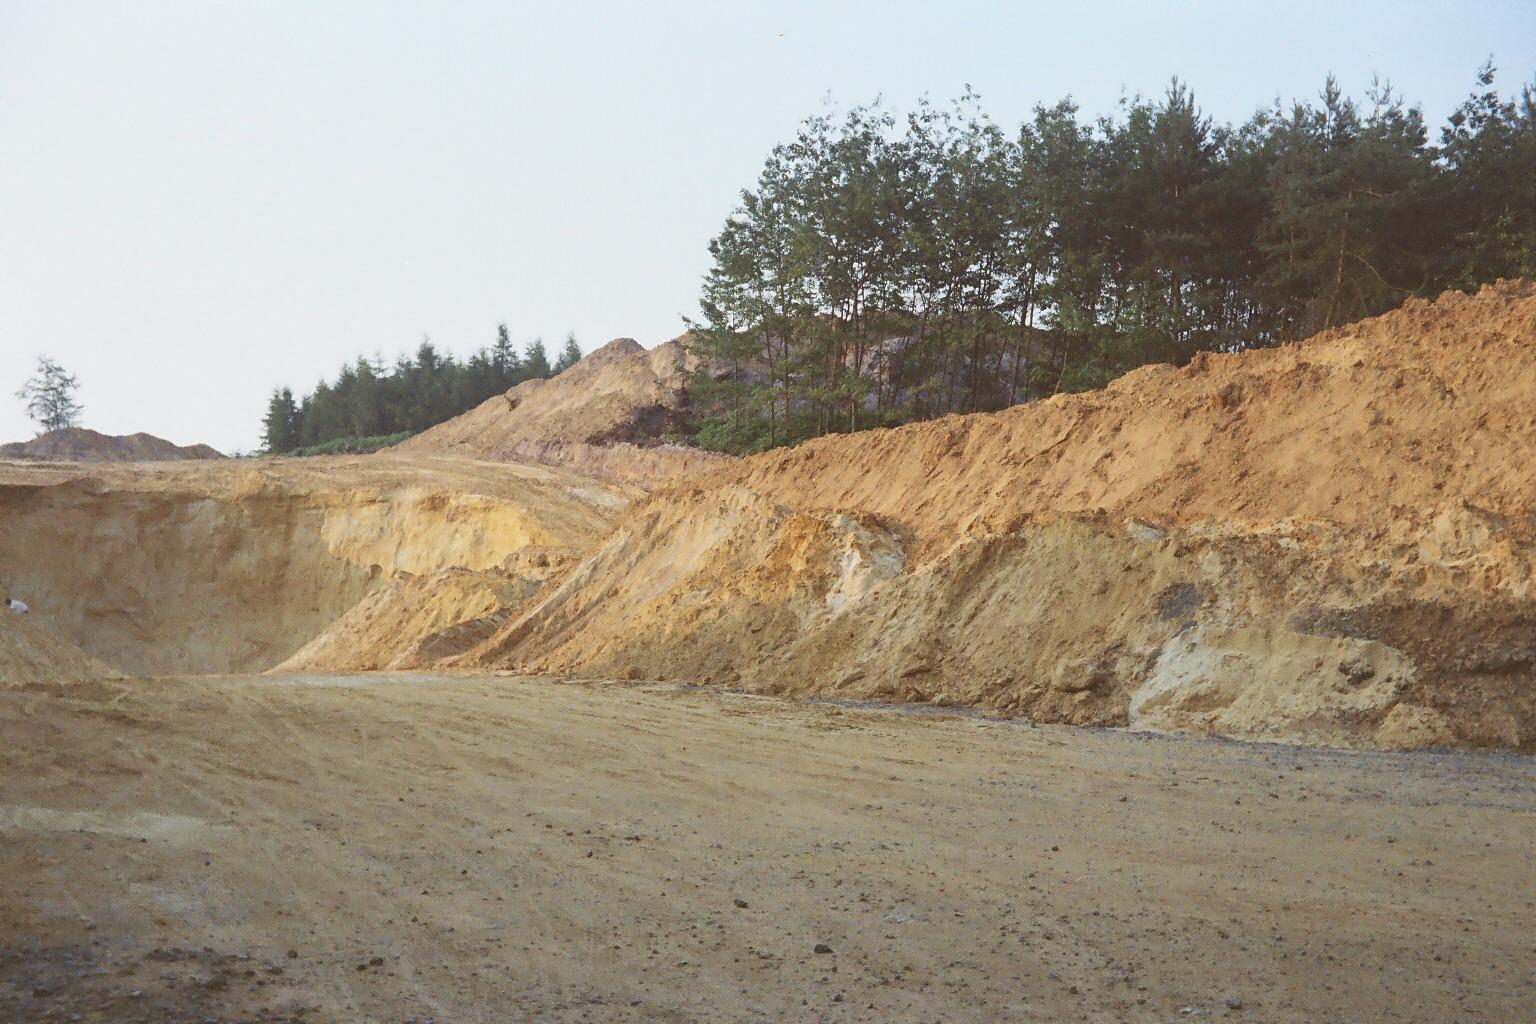 Richtung Landgraben (Norden)